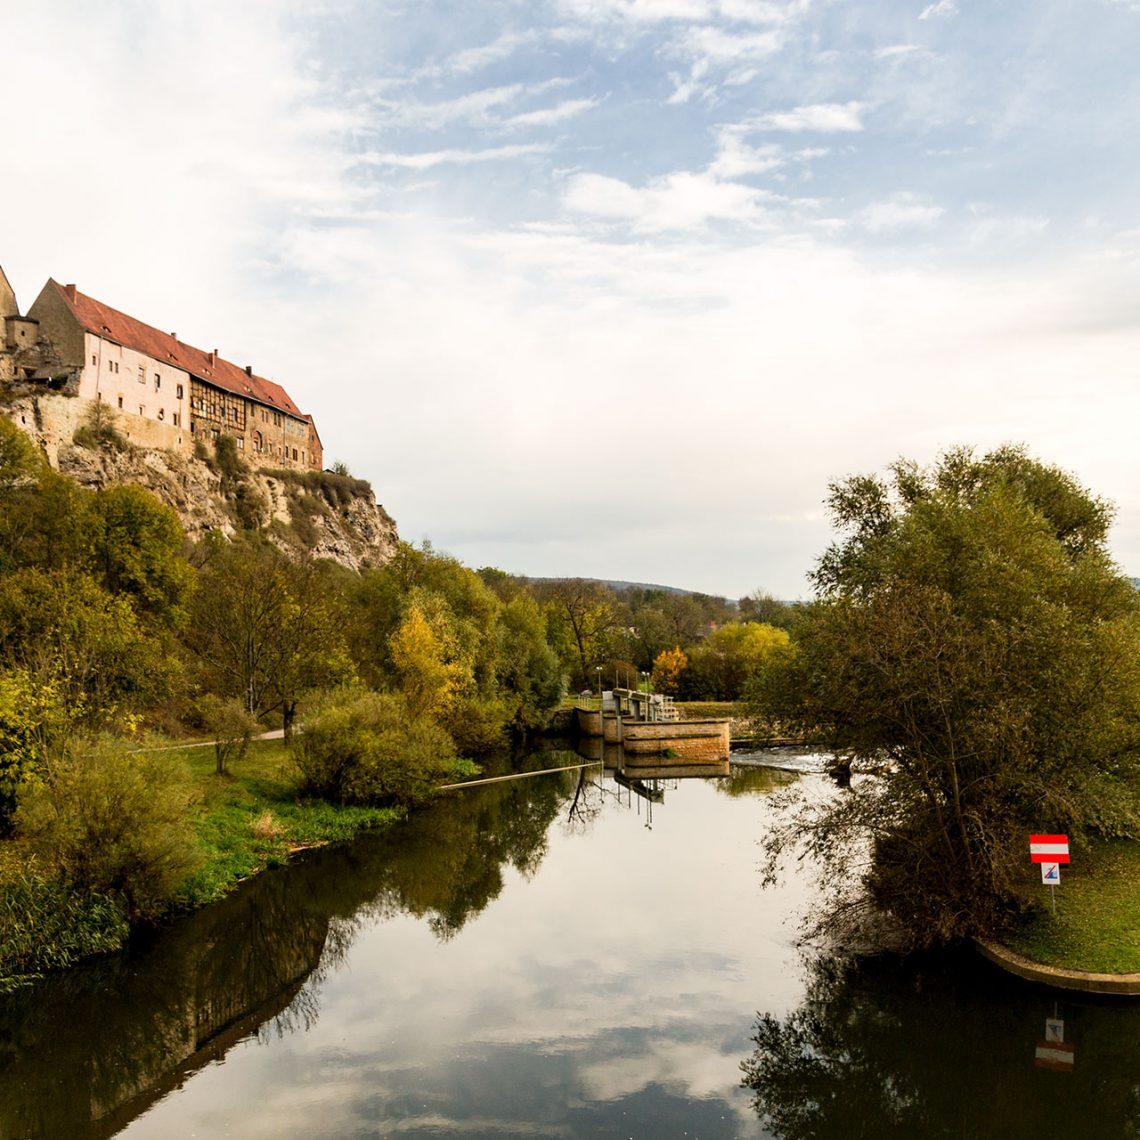 Hoch über der Unstrut und weithin sichtbar auf dem Fels thront sie die ehemalige Burg Wendelstein, in der heute Eigentumswohnungen untergebracht sind.